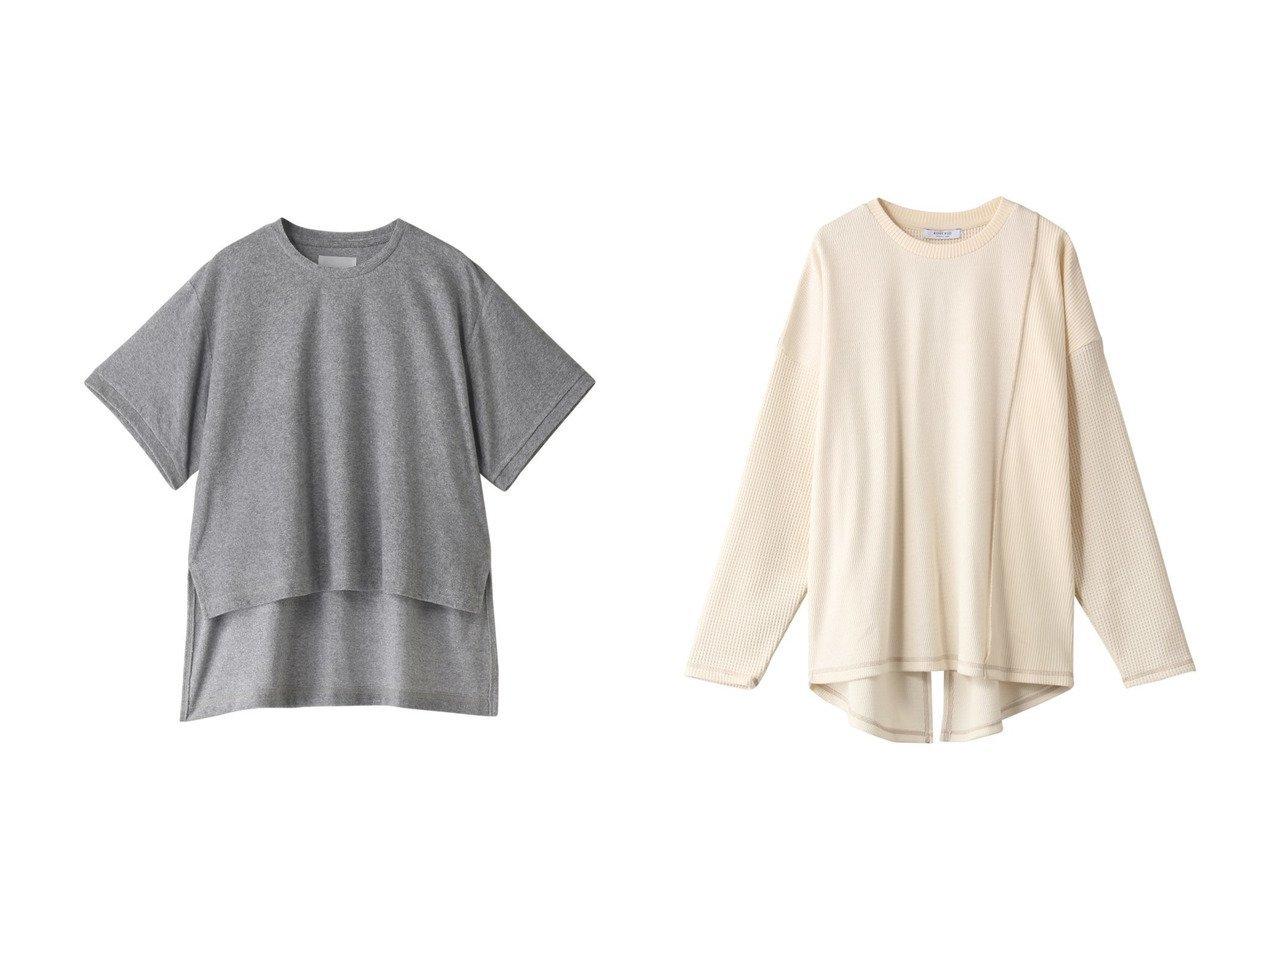 【MIDIUMISOLID/ミディウミソリッド】のパイルトップス・Tシャツ&【ROSE BUD/ローズバッド】のブロッキングカットソー 【トップス・カットソー】おすすめ!人気、トレンド・レディースファッションの通販 おすすめで人気の流行・トレンド、ファッションの通販商品 メンズファッション・キッズファッション・インテリア・家具・レディースファッション・服の通販 founy(ファニー) https://founy.com/ ファッション Fashion レディースファッション WOMEN トップス・カットソー Tops/Tshirt シャツ/ブラウス Shirts/Blouses ロング / Tシャツ T-Shirts カットソー Cut and Sewn 2021年 2021 2021春夏・S/S SS/Spring/Summer/2021 S/S・春夏 SS・Spring/Summer ショート シンプル スリーブ 春 Spring |ID:crp329100000028623